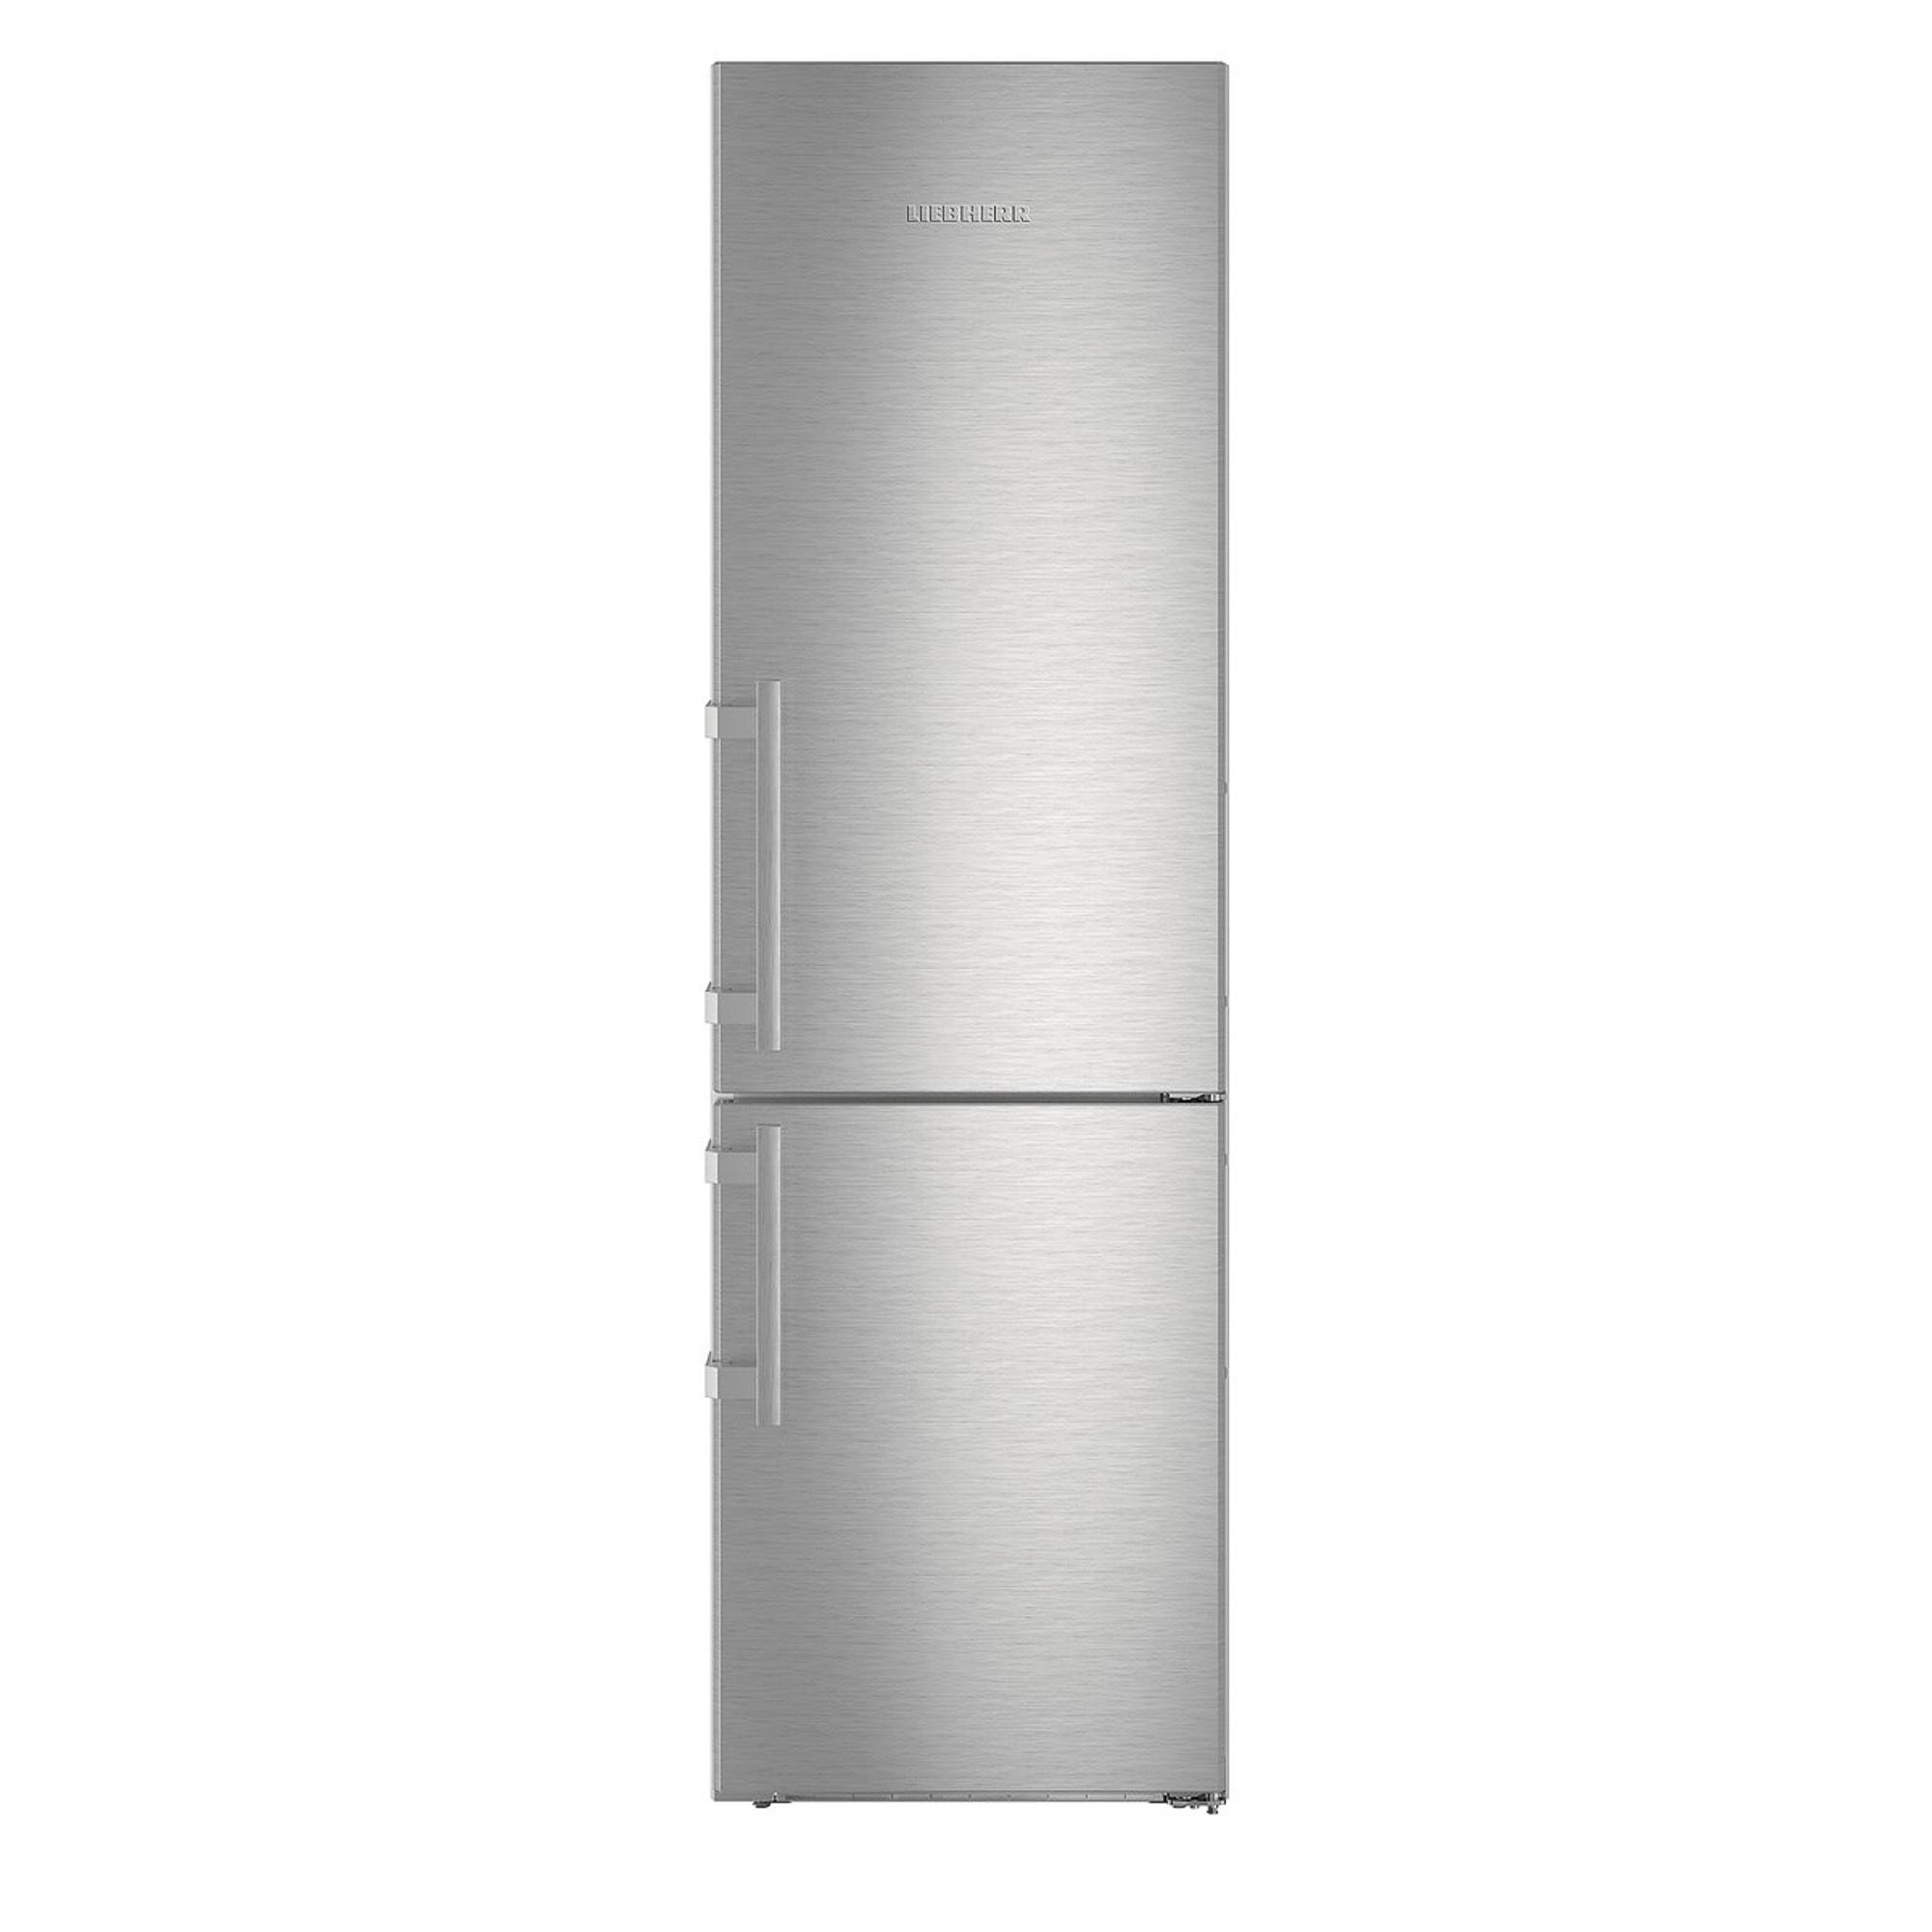 Купить Холодильник Liebherr CNEF 4815 Silver, холодильник двухкамерный, Германия